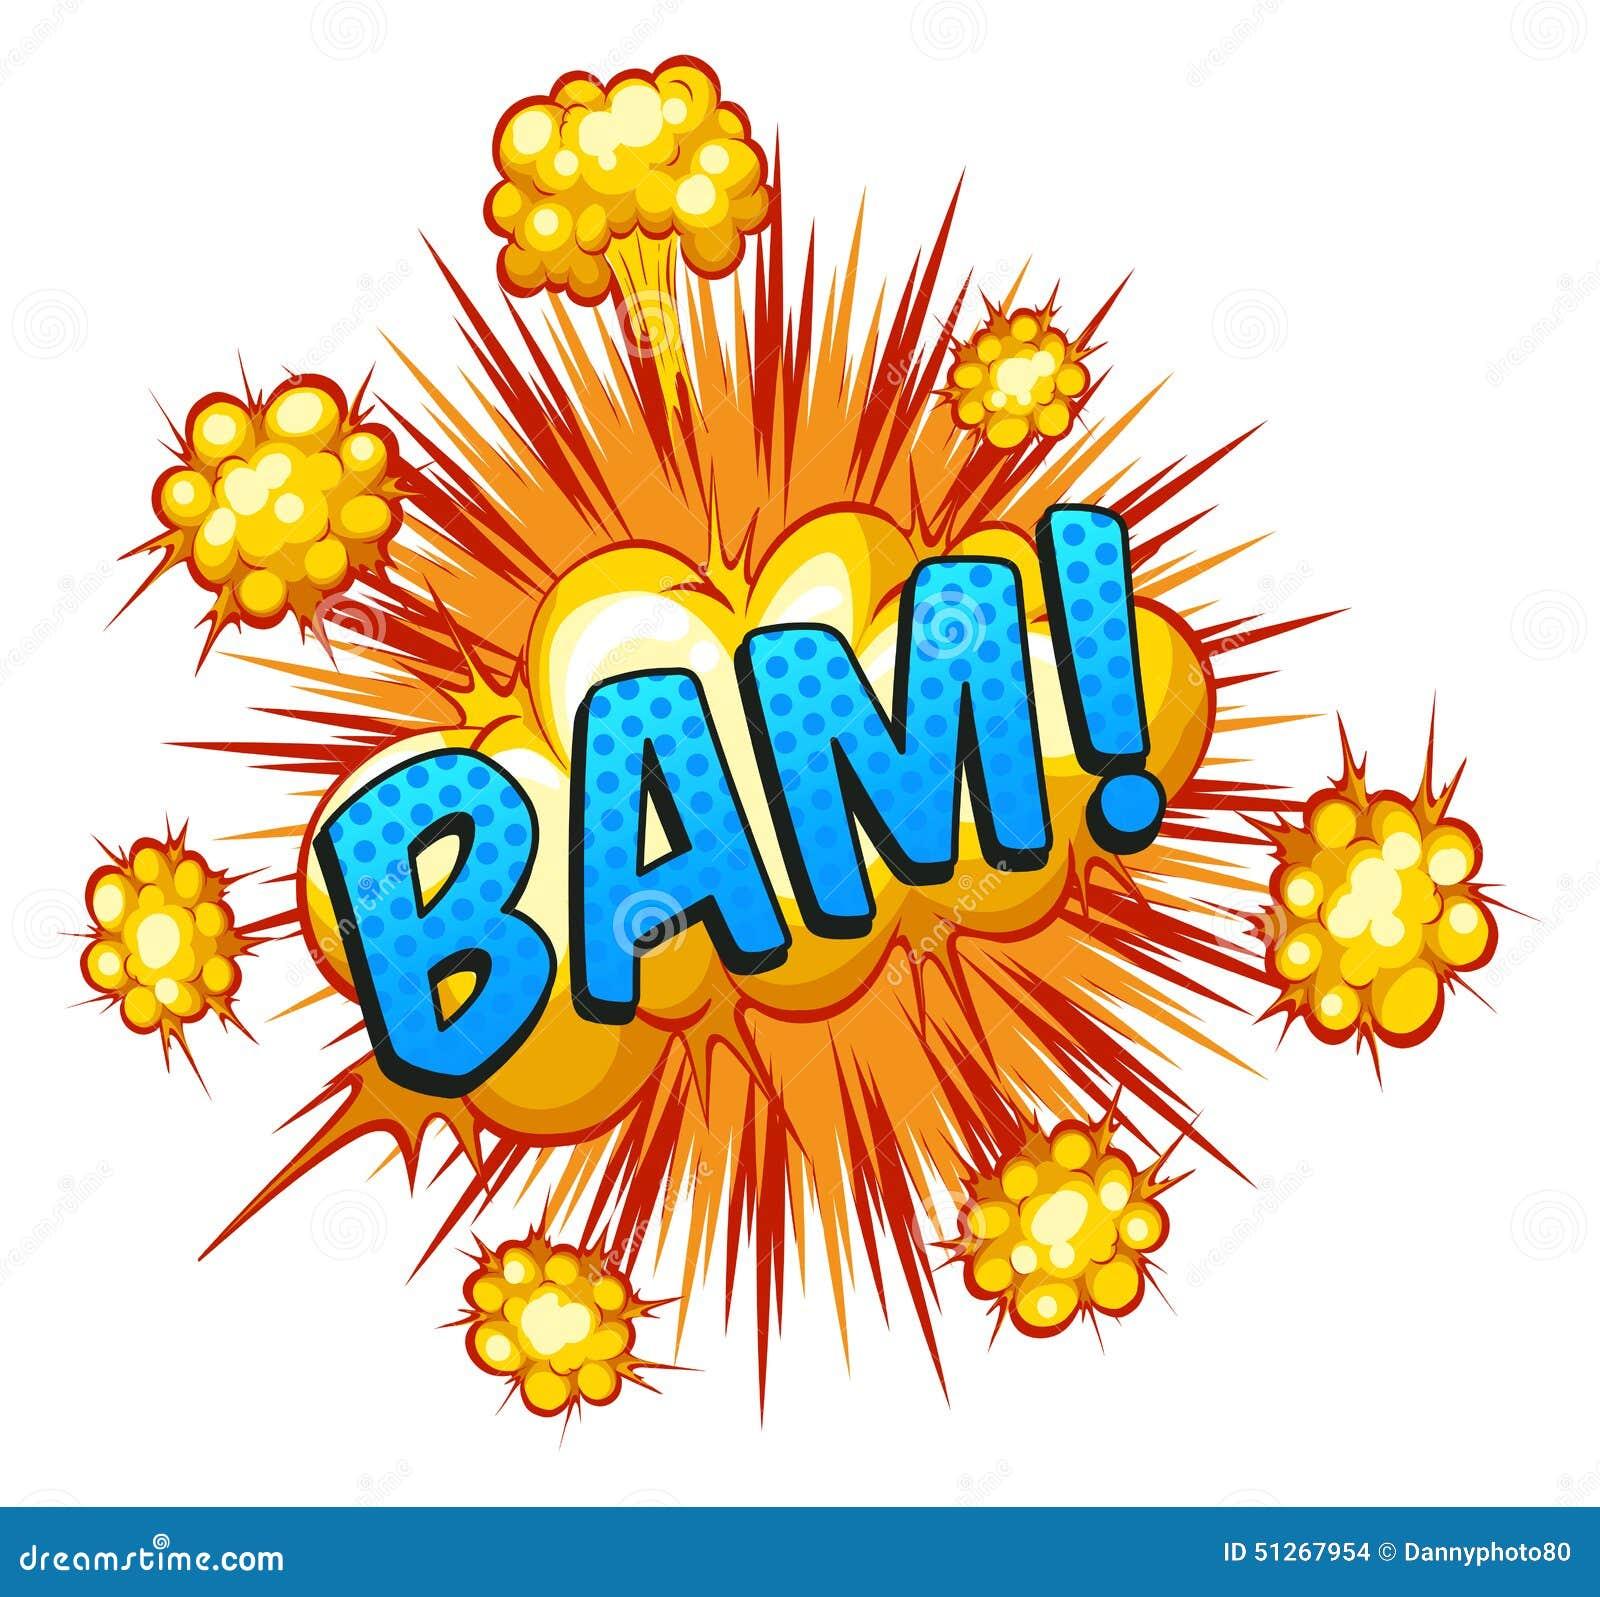 Bam Stock Illustrations – 1,119 Bam Stock Illustrations, Vectors ...